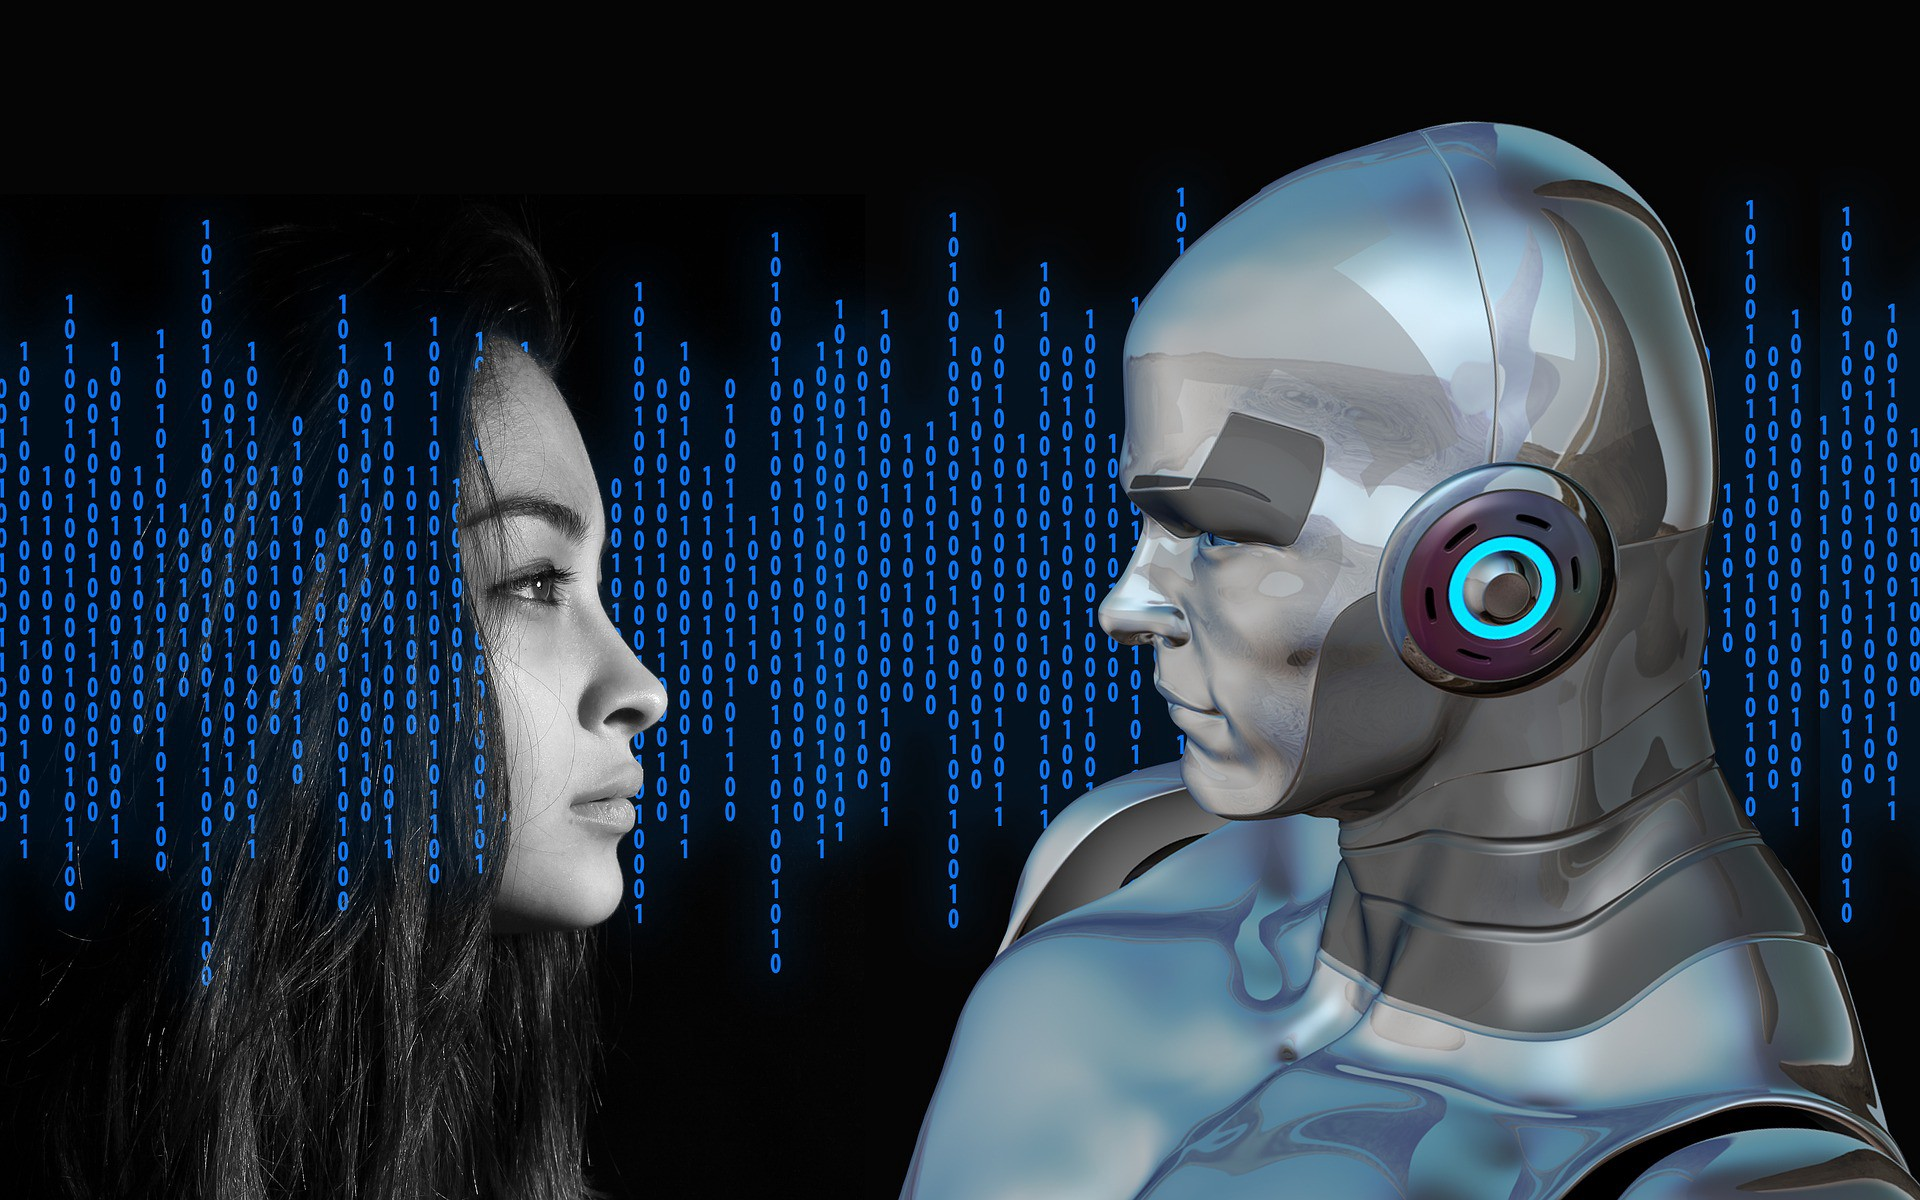 Эпоха эмоционального искусственного интеллекта. Что день грядущий нам готовит?